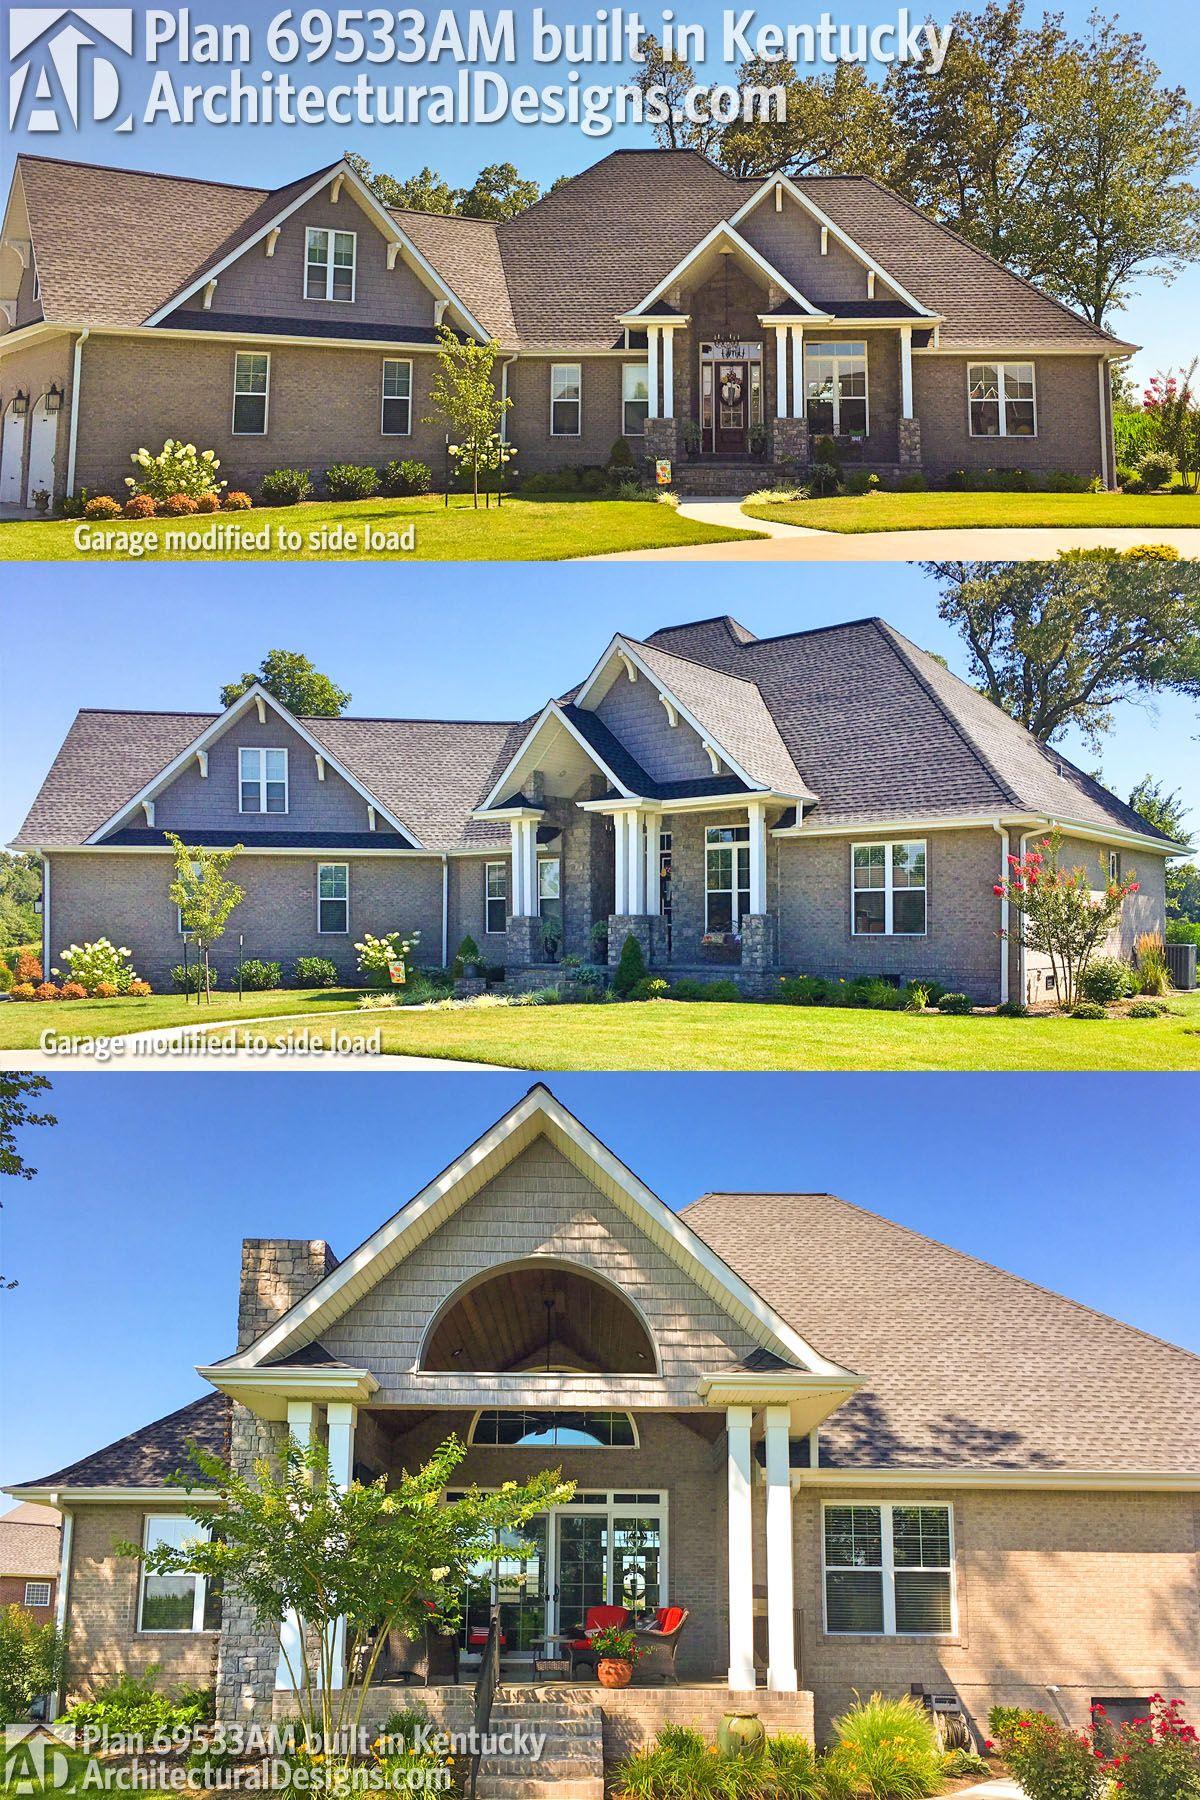 Our client built Architectural Designs Craftsman House